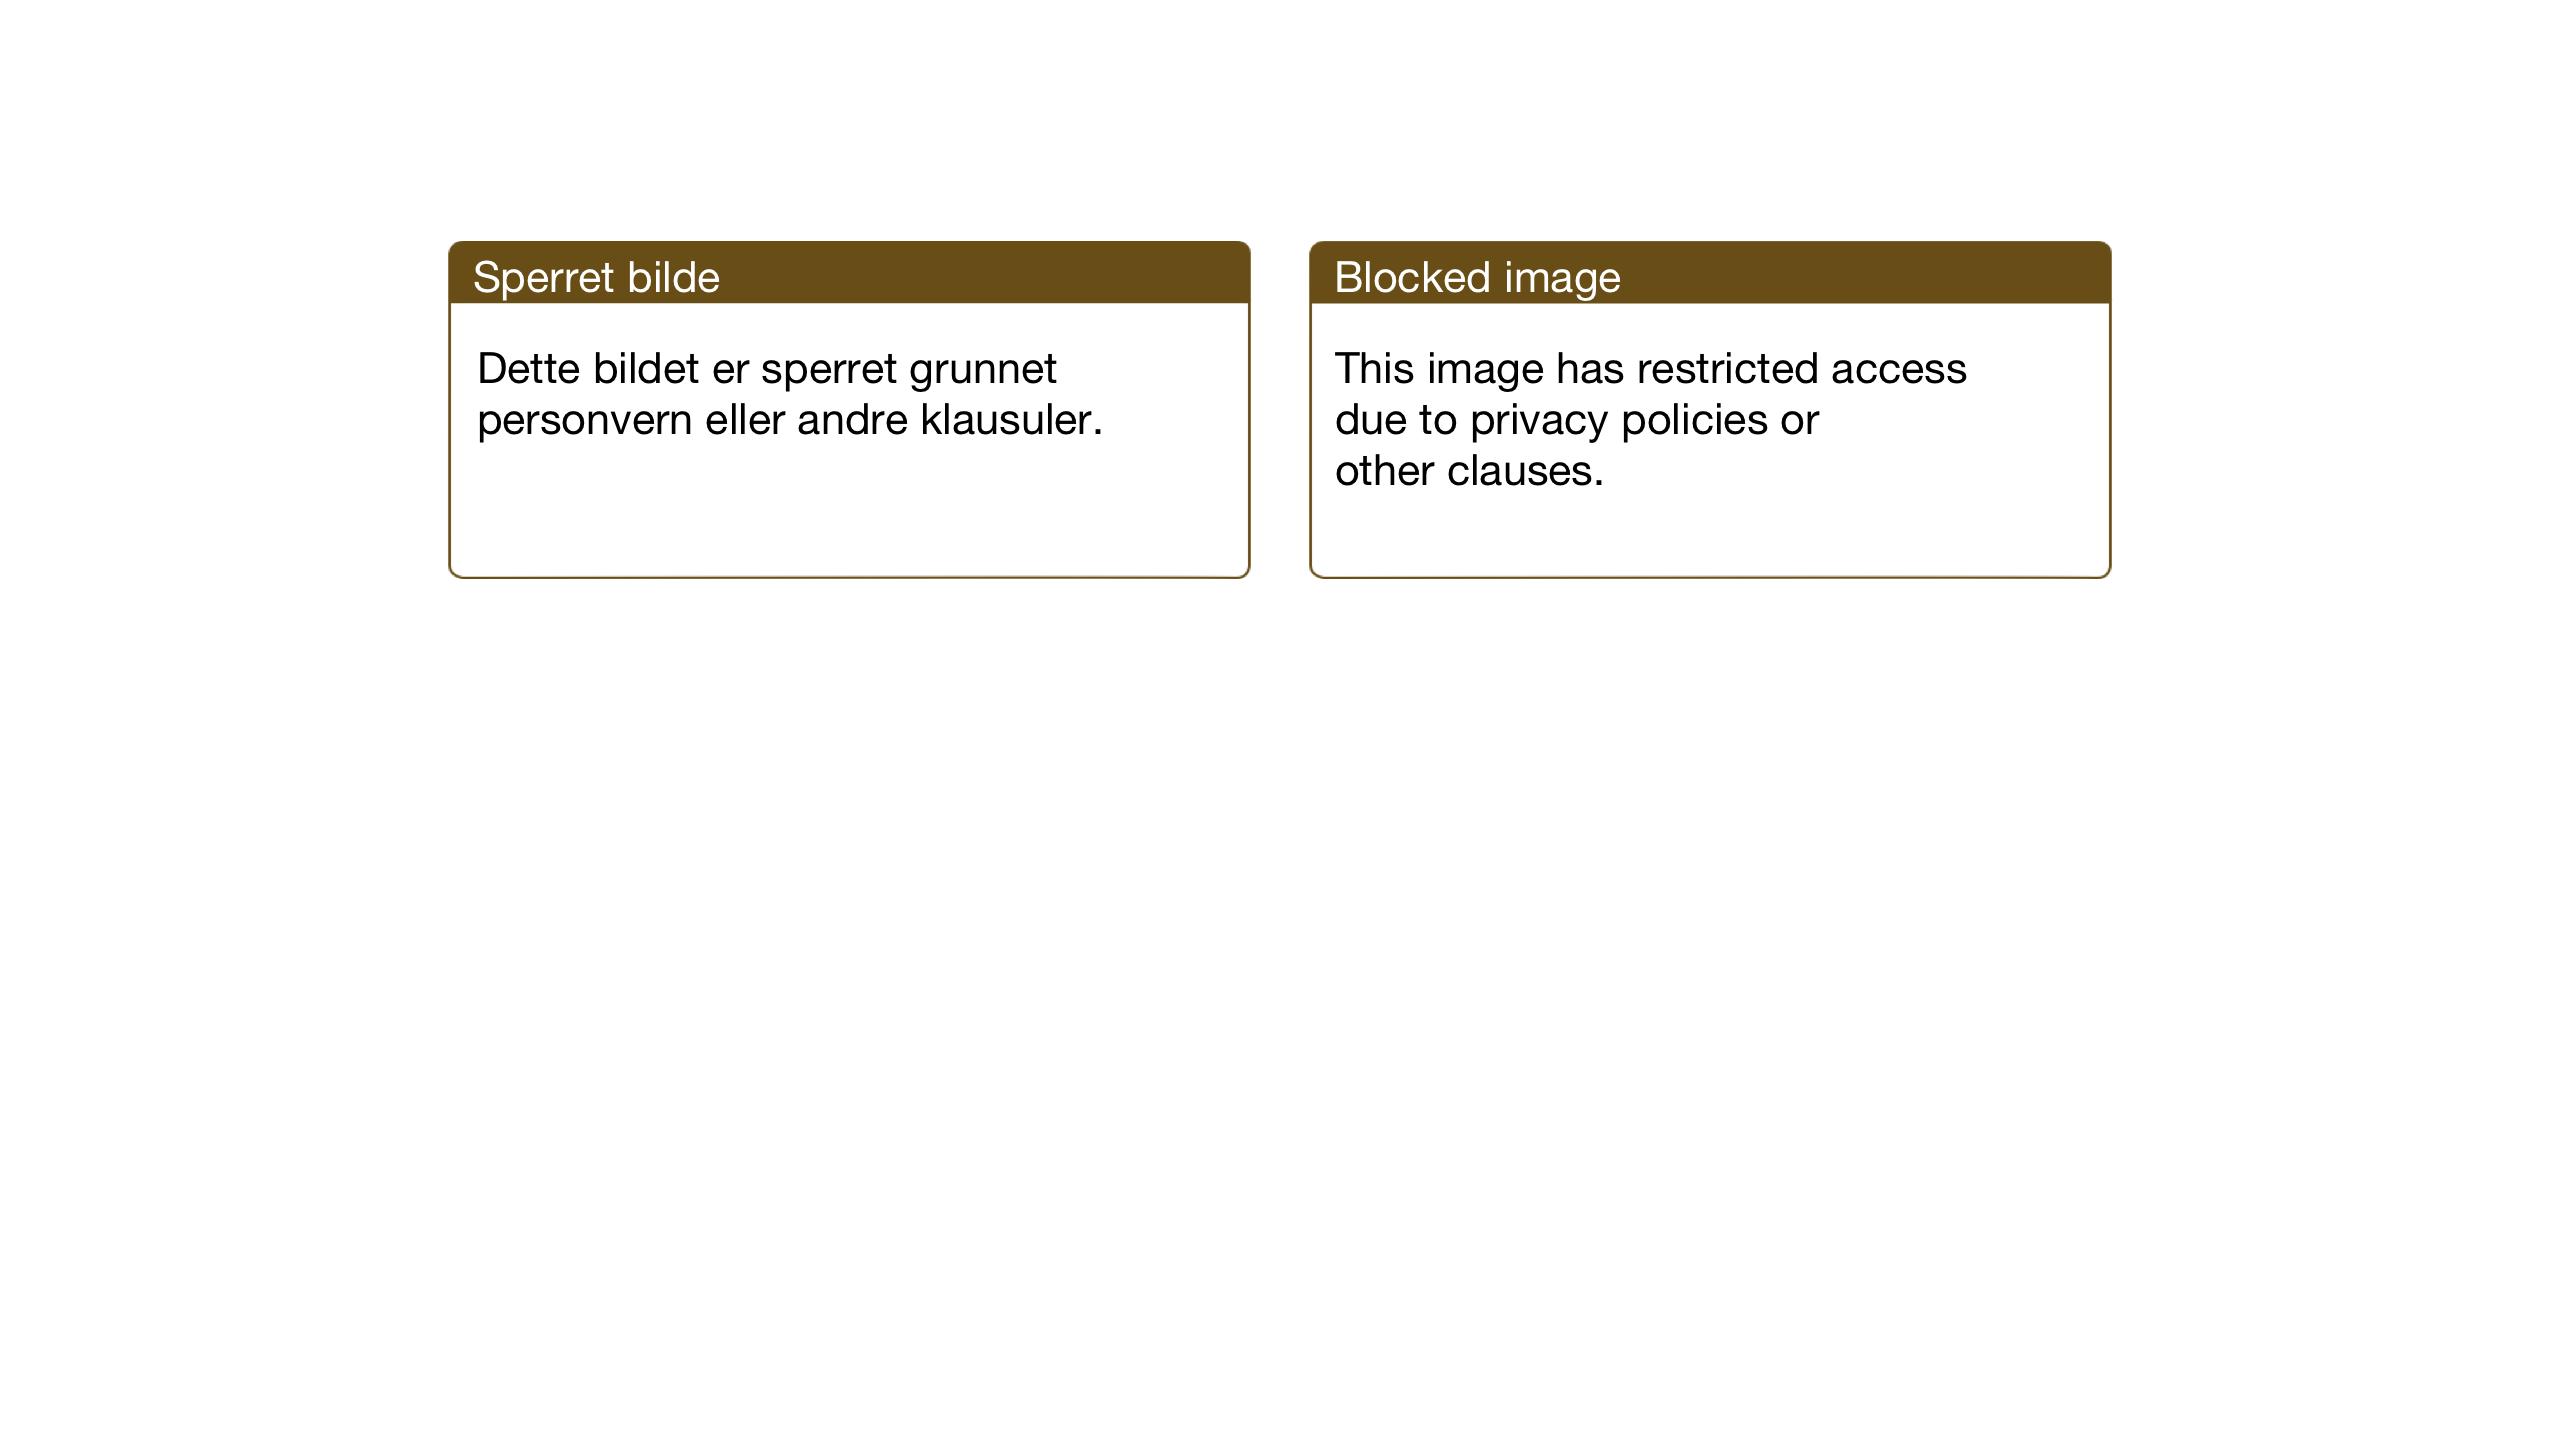 SAT, Ministerialprotokoller, klokkerbøker og fødselsregistre - Nord-Trøndelag, 732/L0319: Klokkerbok nr. 732C03, 1911-1945, s. 83